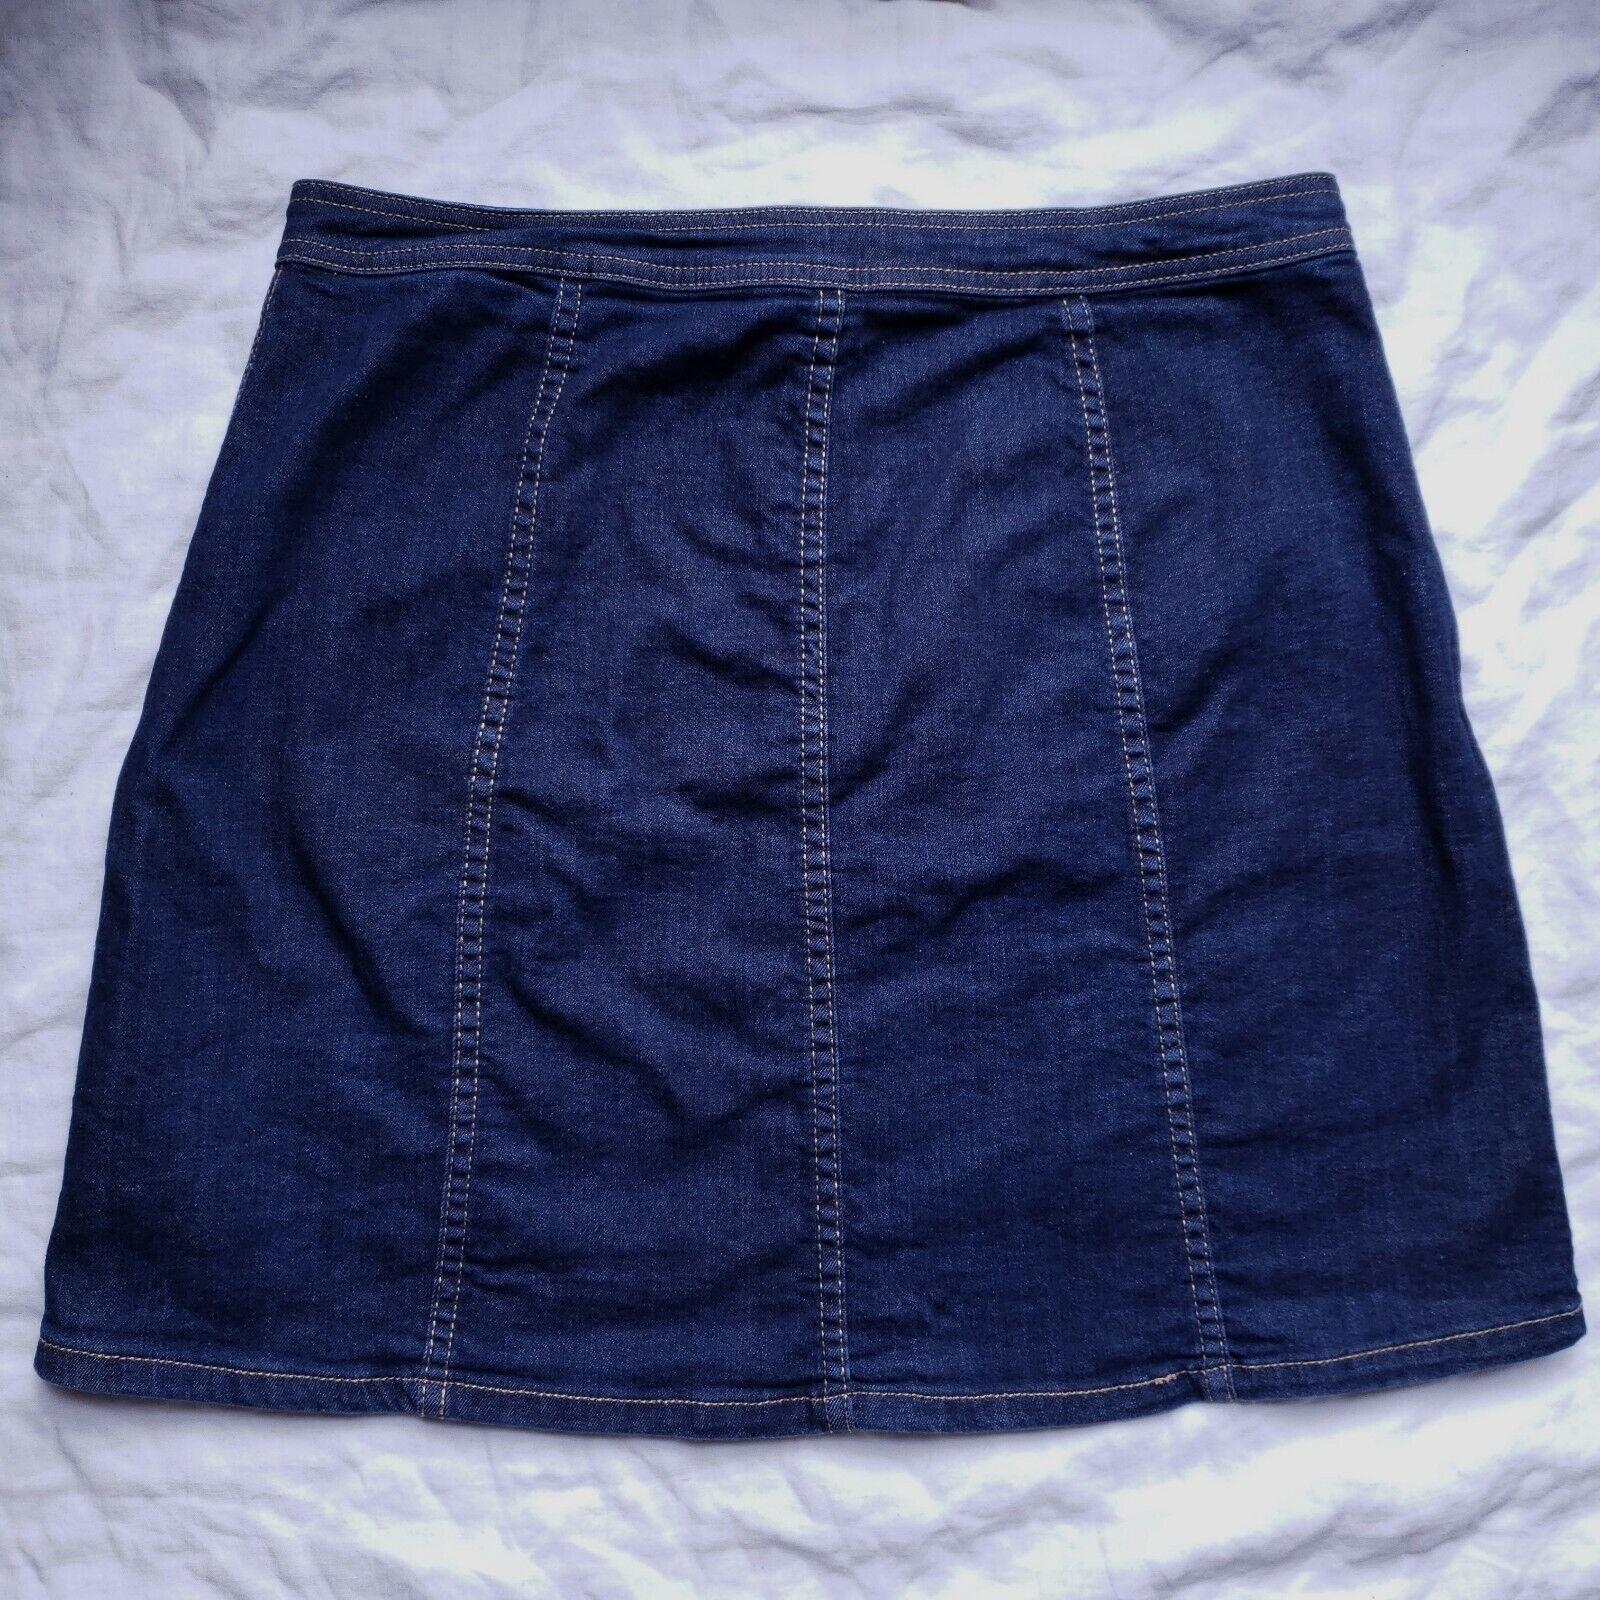 Bass Womens Blue Denim Skirt Size 10 Button Front… - image 4